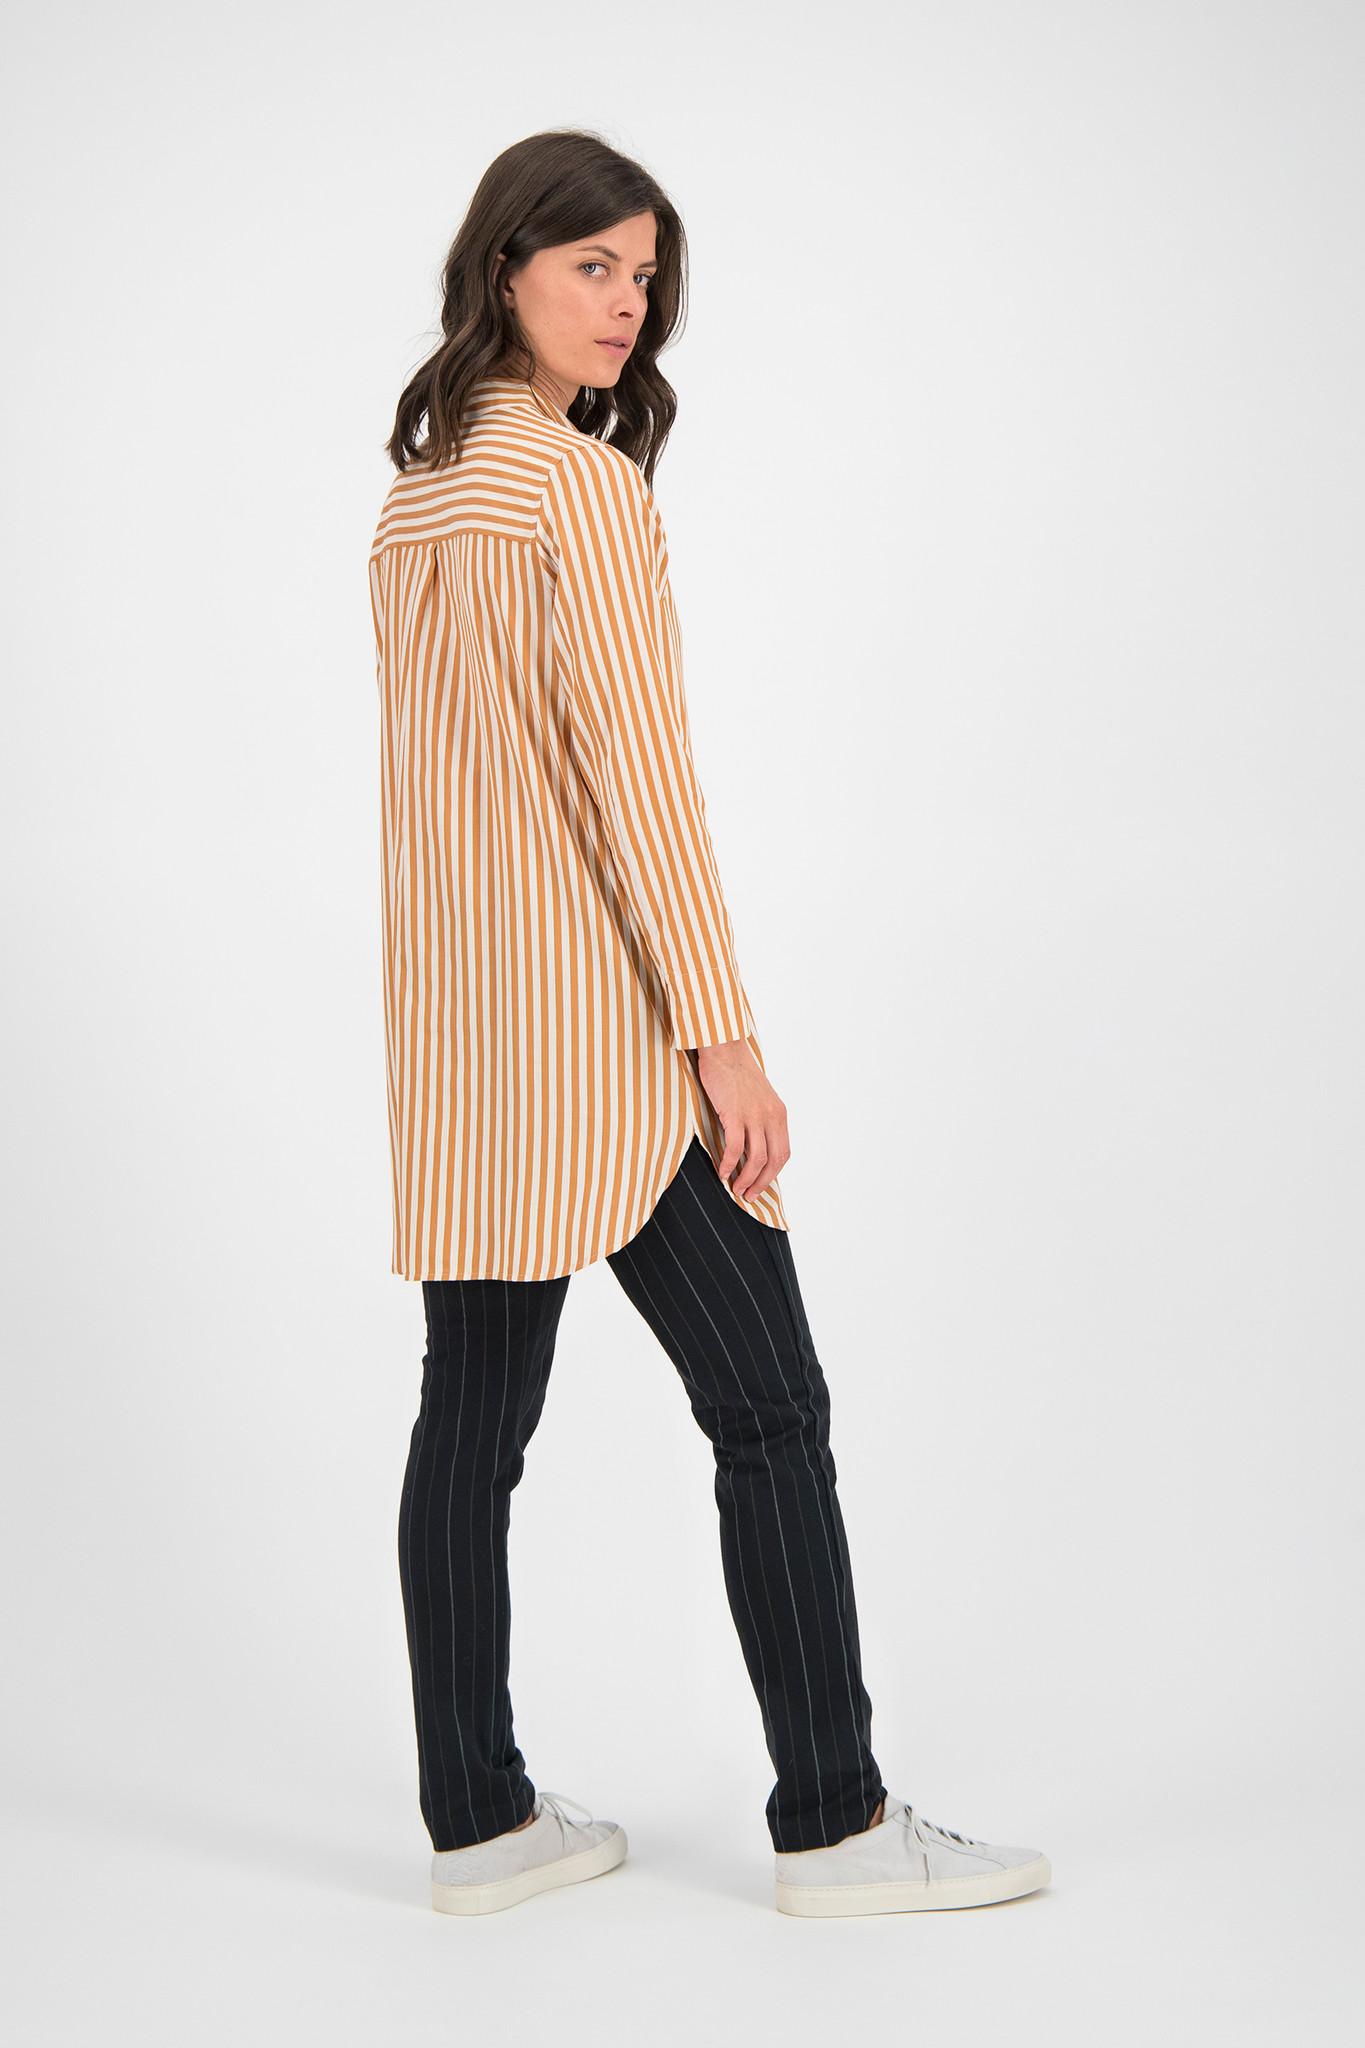 SYLVER Cotton Stripe Blouse Round-neck - Soft Orange